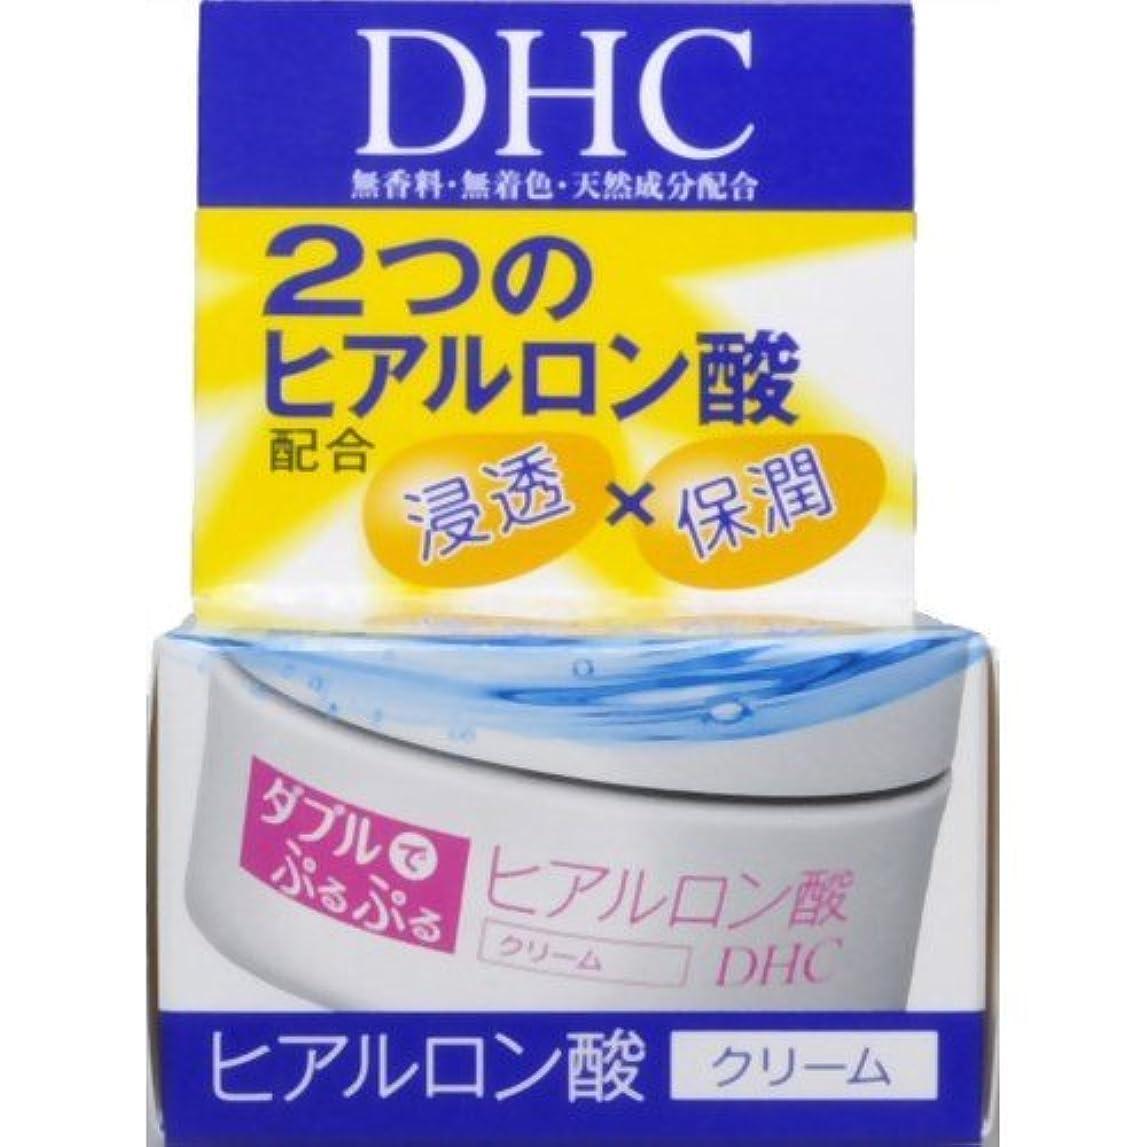 オプショナル留め金定常DHC ダブルモイスチュアクリーム 50g